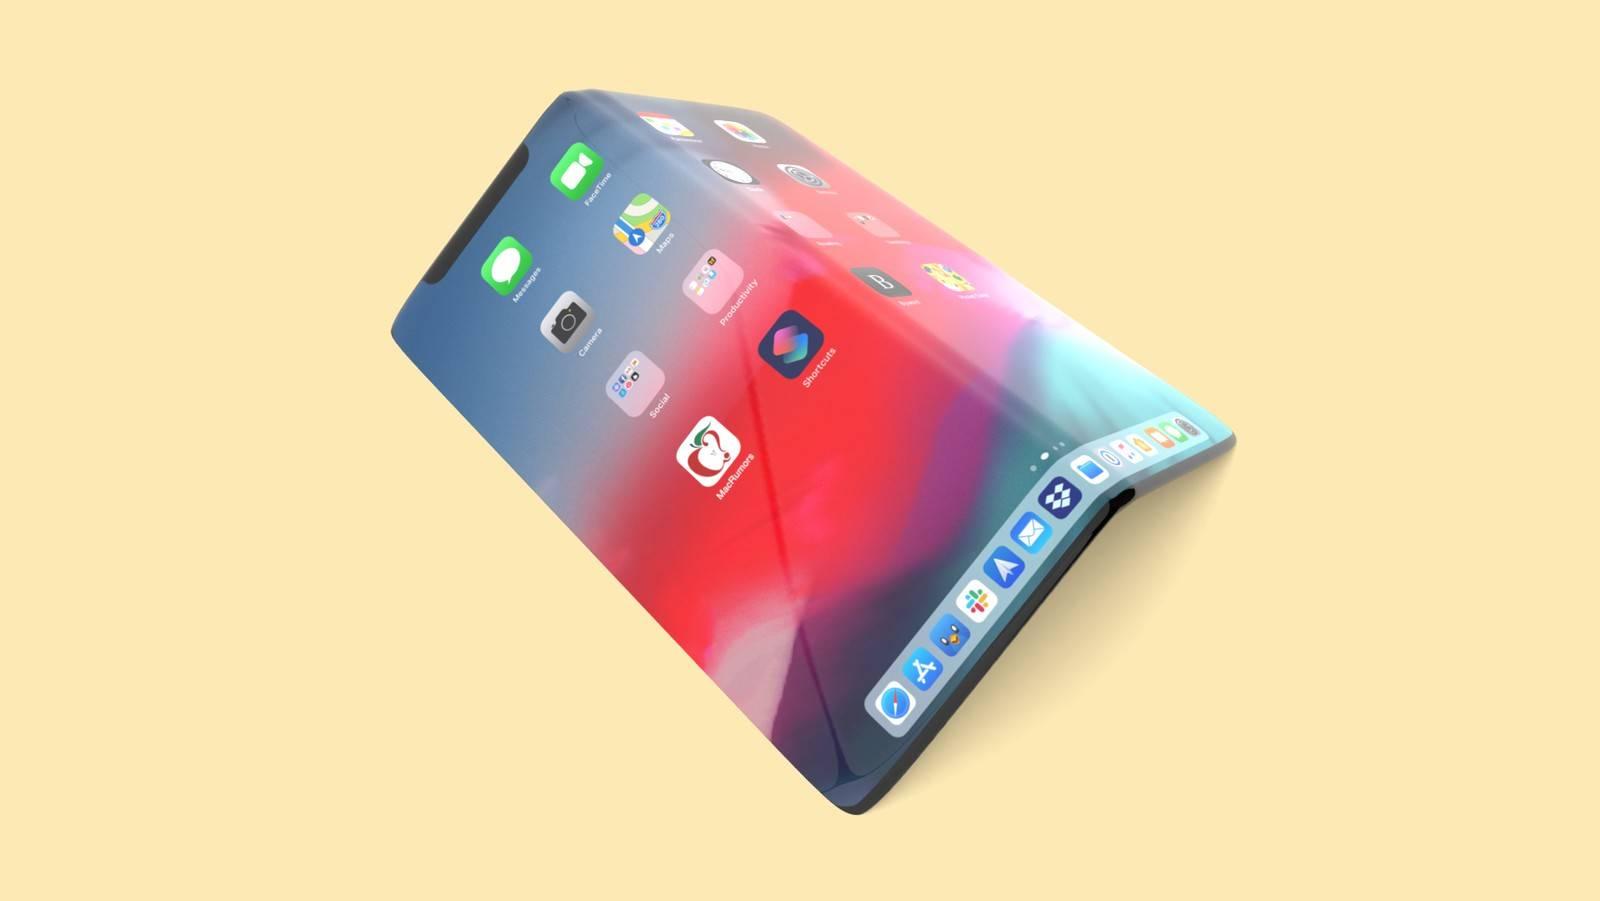 苹果可能正在开发可折叠iPhone:屏幕尺寸尚未确定